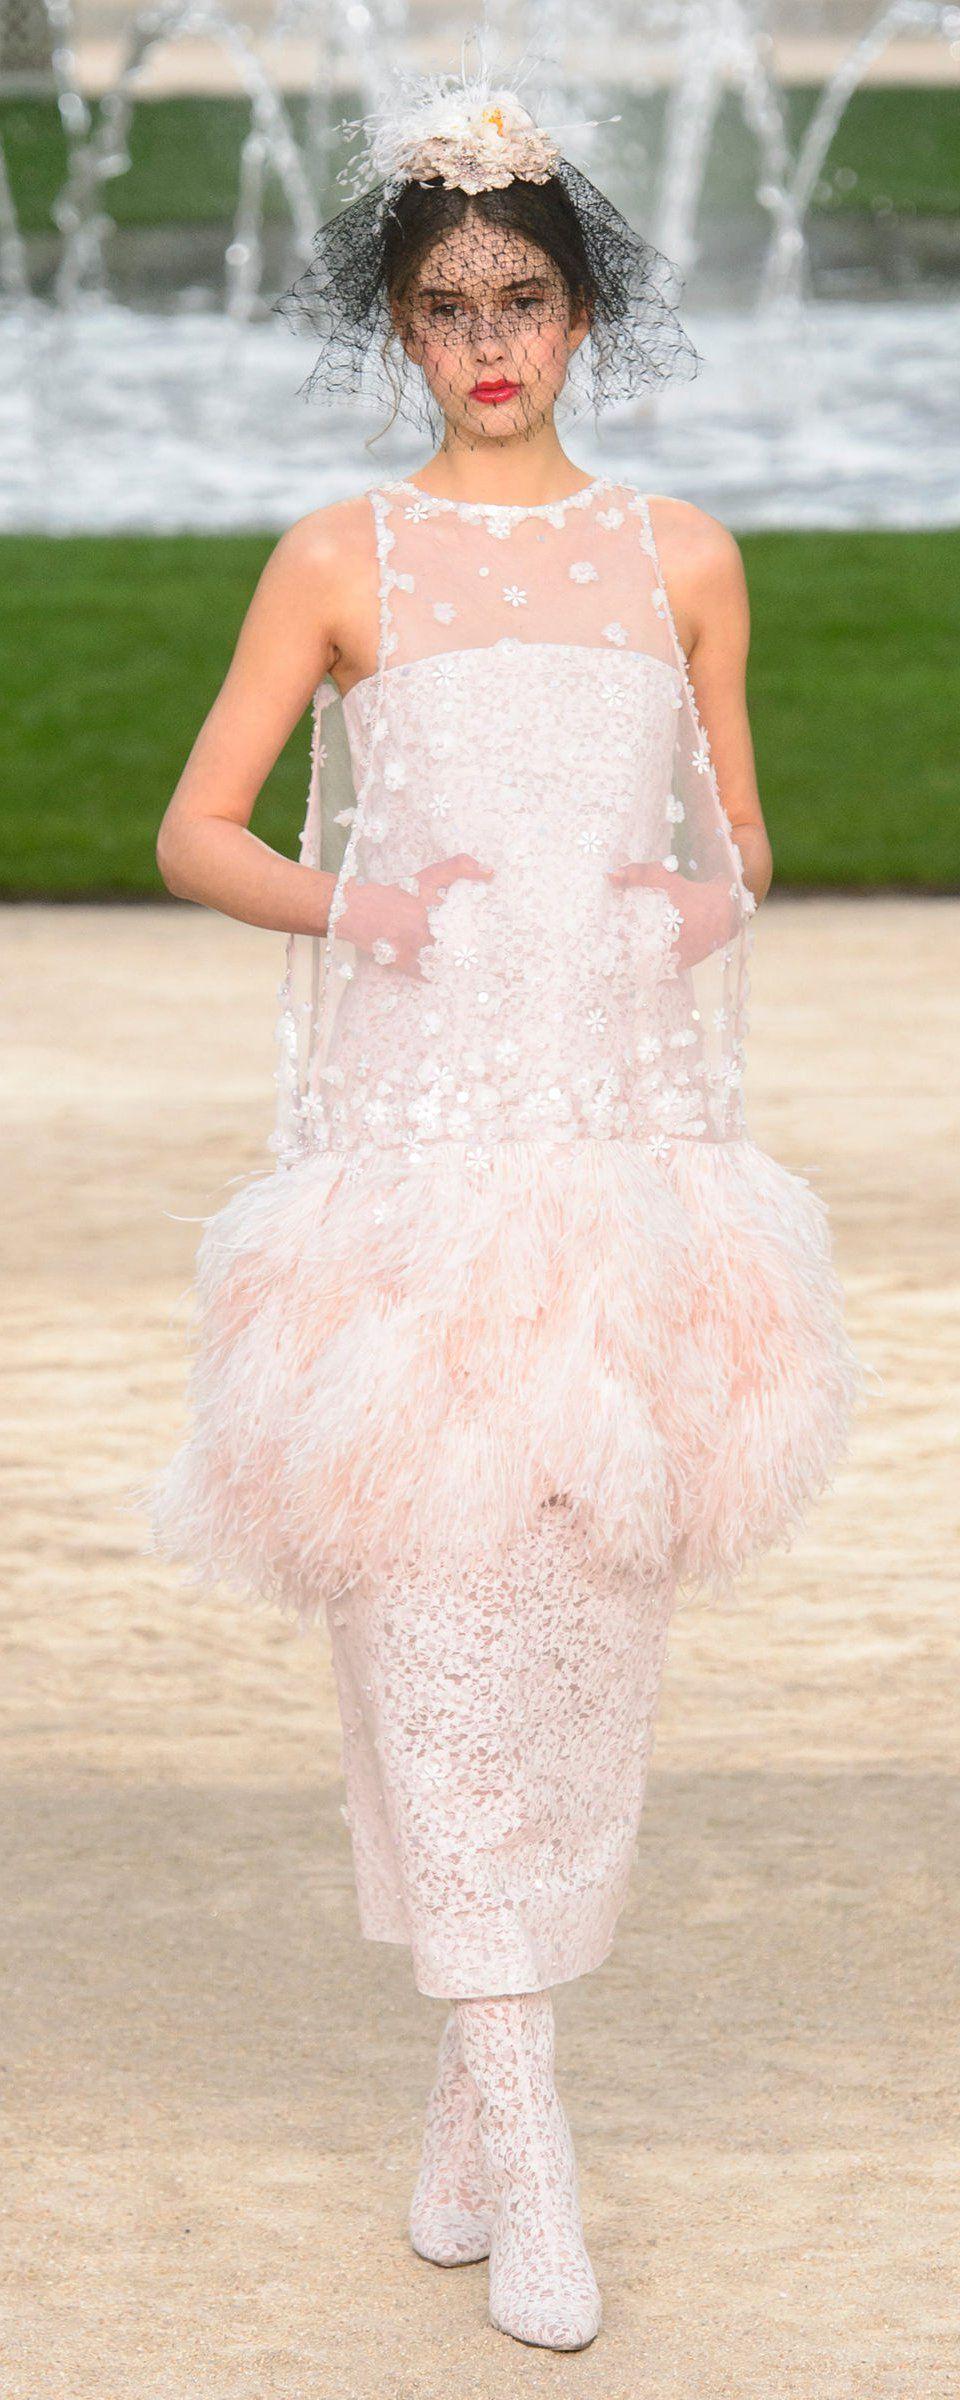 Chanel springsummer couture chanel spring spring summer